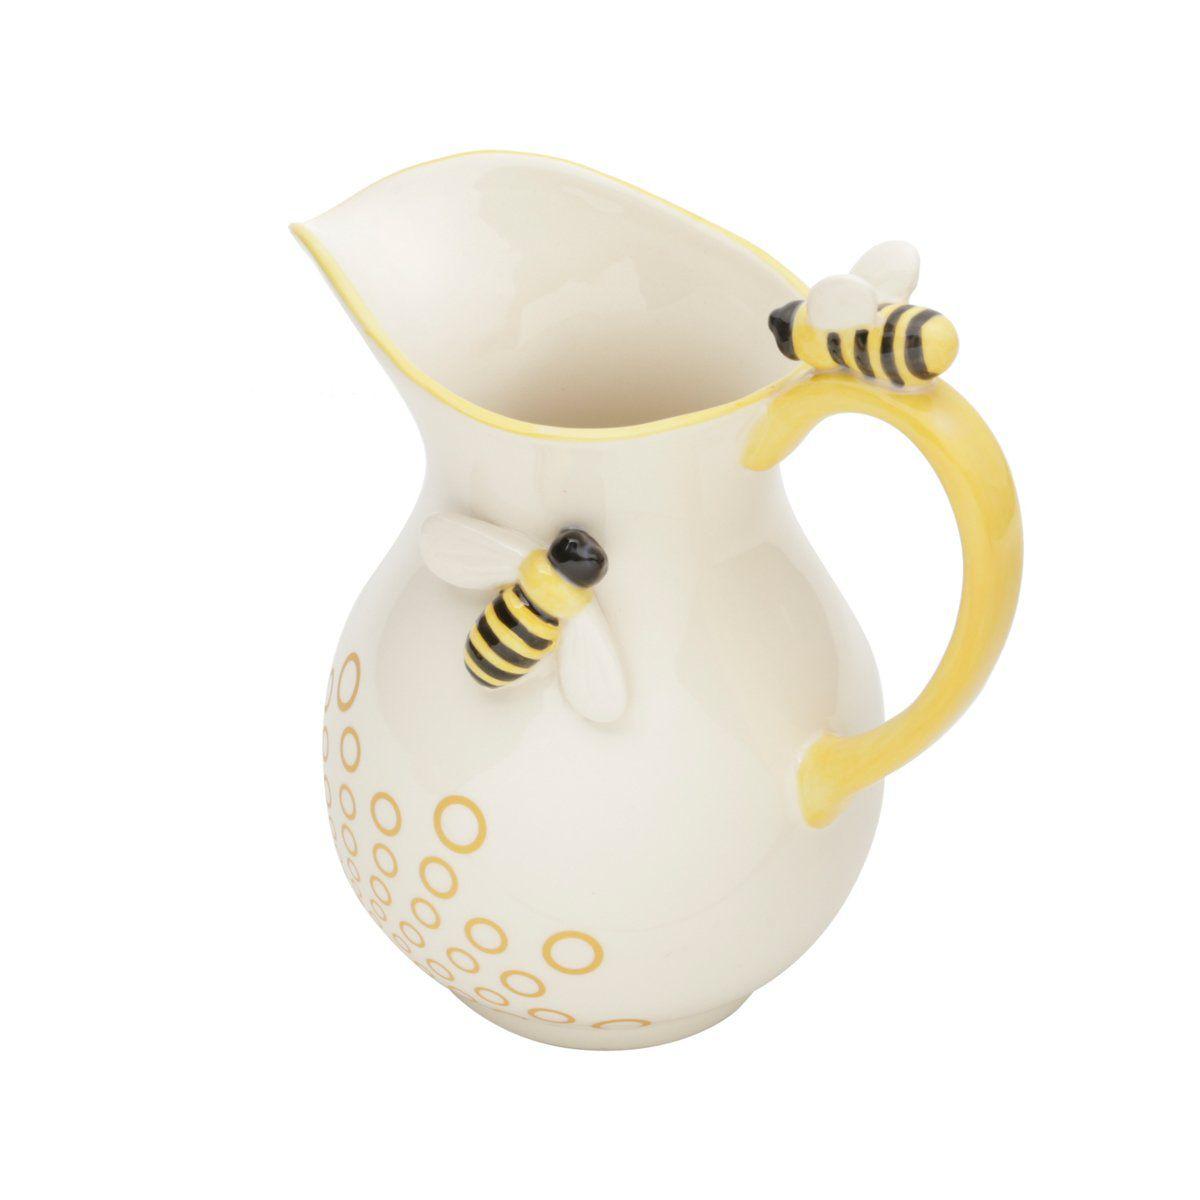 Jarra 1,1 litro de cerâmica branca e amarela Abelha Lyor - L64020